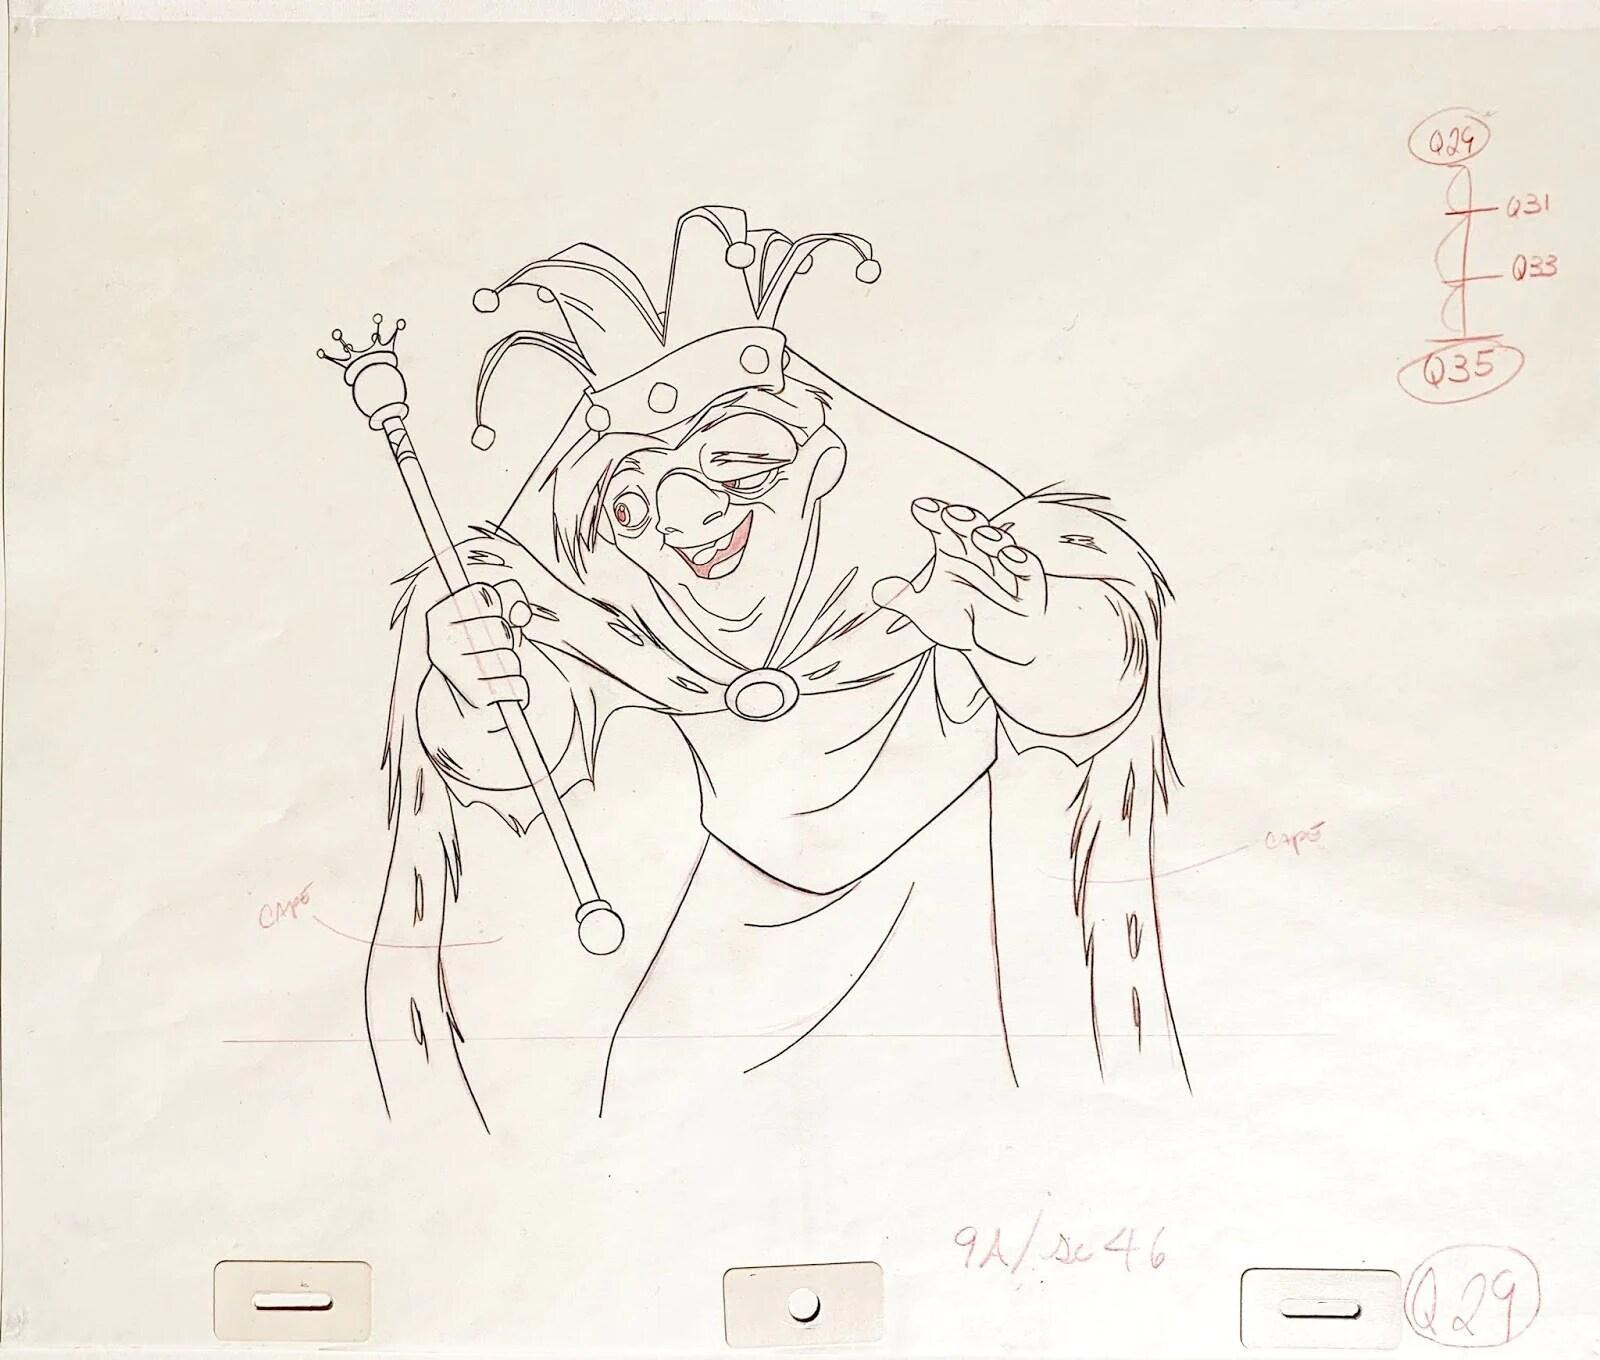 Quasimodo dibujado a mano